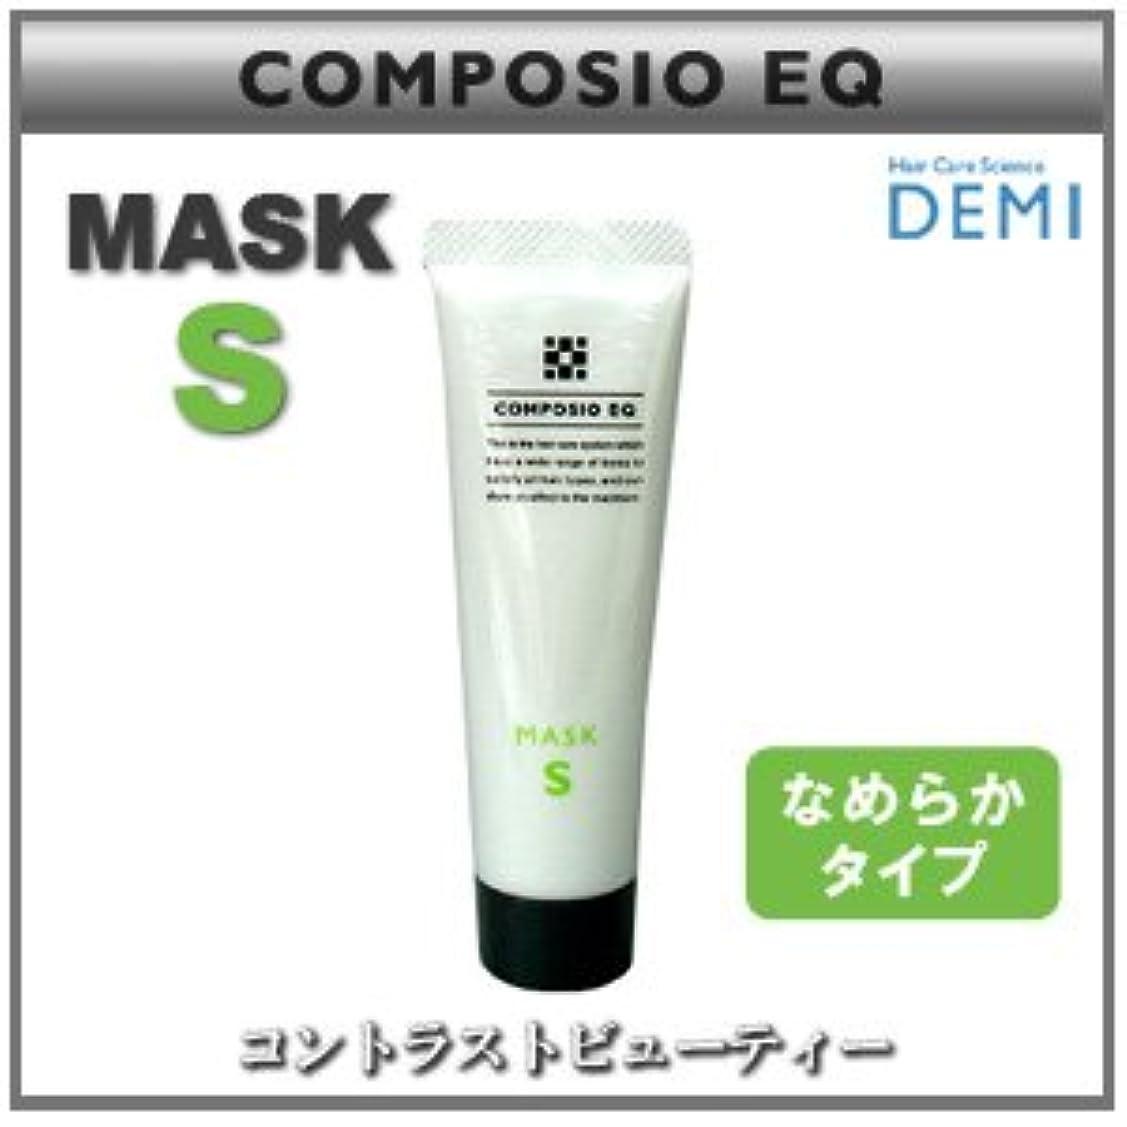 非難する守る温度【X2個セット】 デミ コンポジオ EQ マスク S 50g